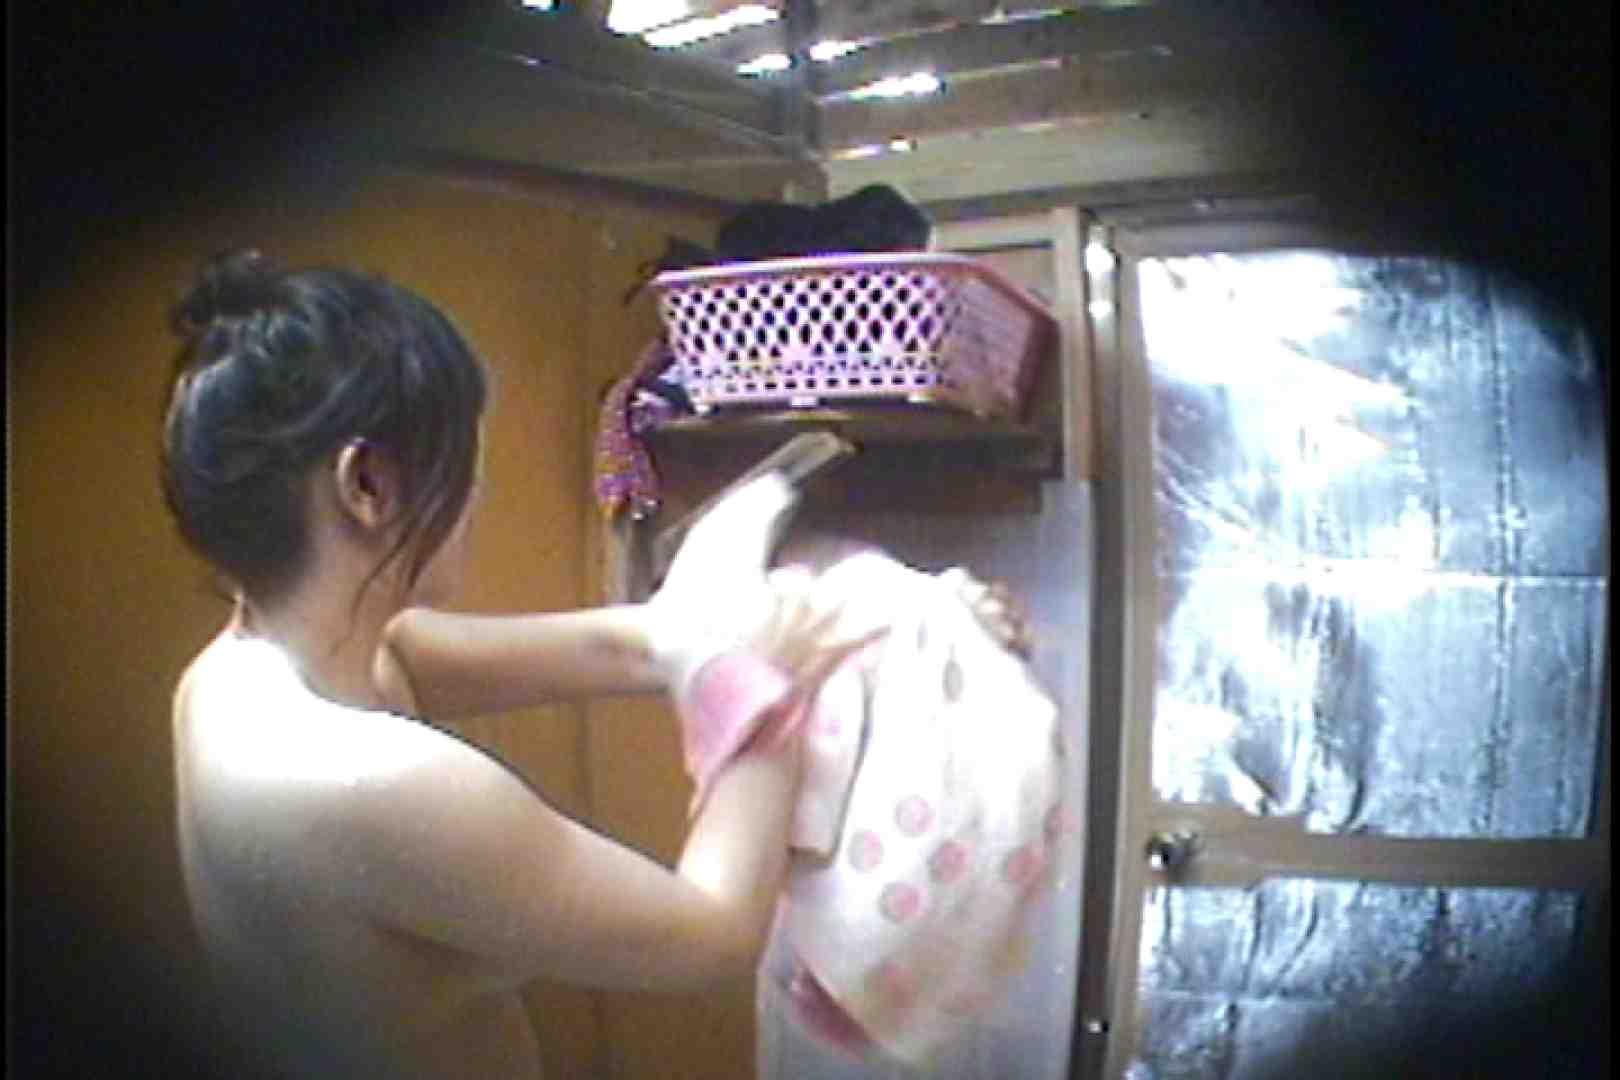 海の家の更衣室 Vol.37 シャワー 覗きおまんこ画像 75連発 35